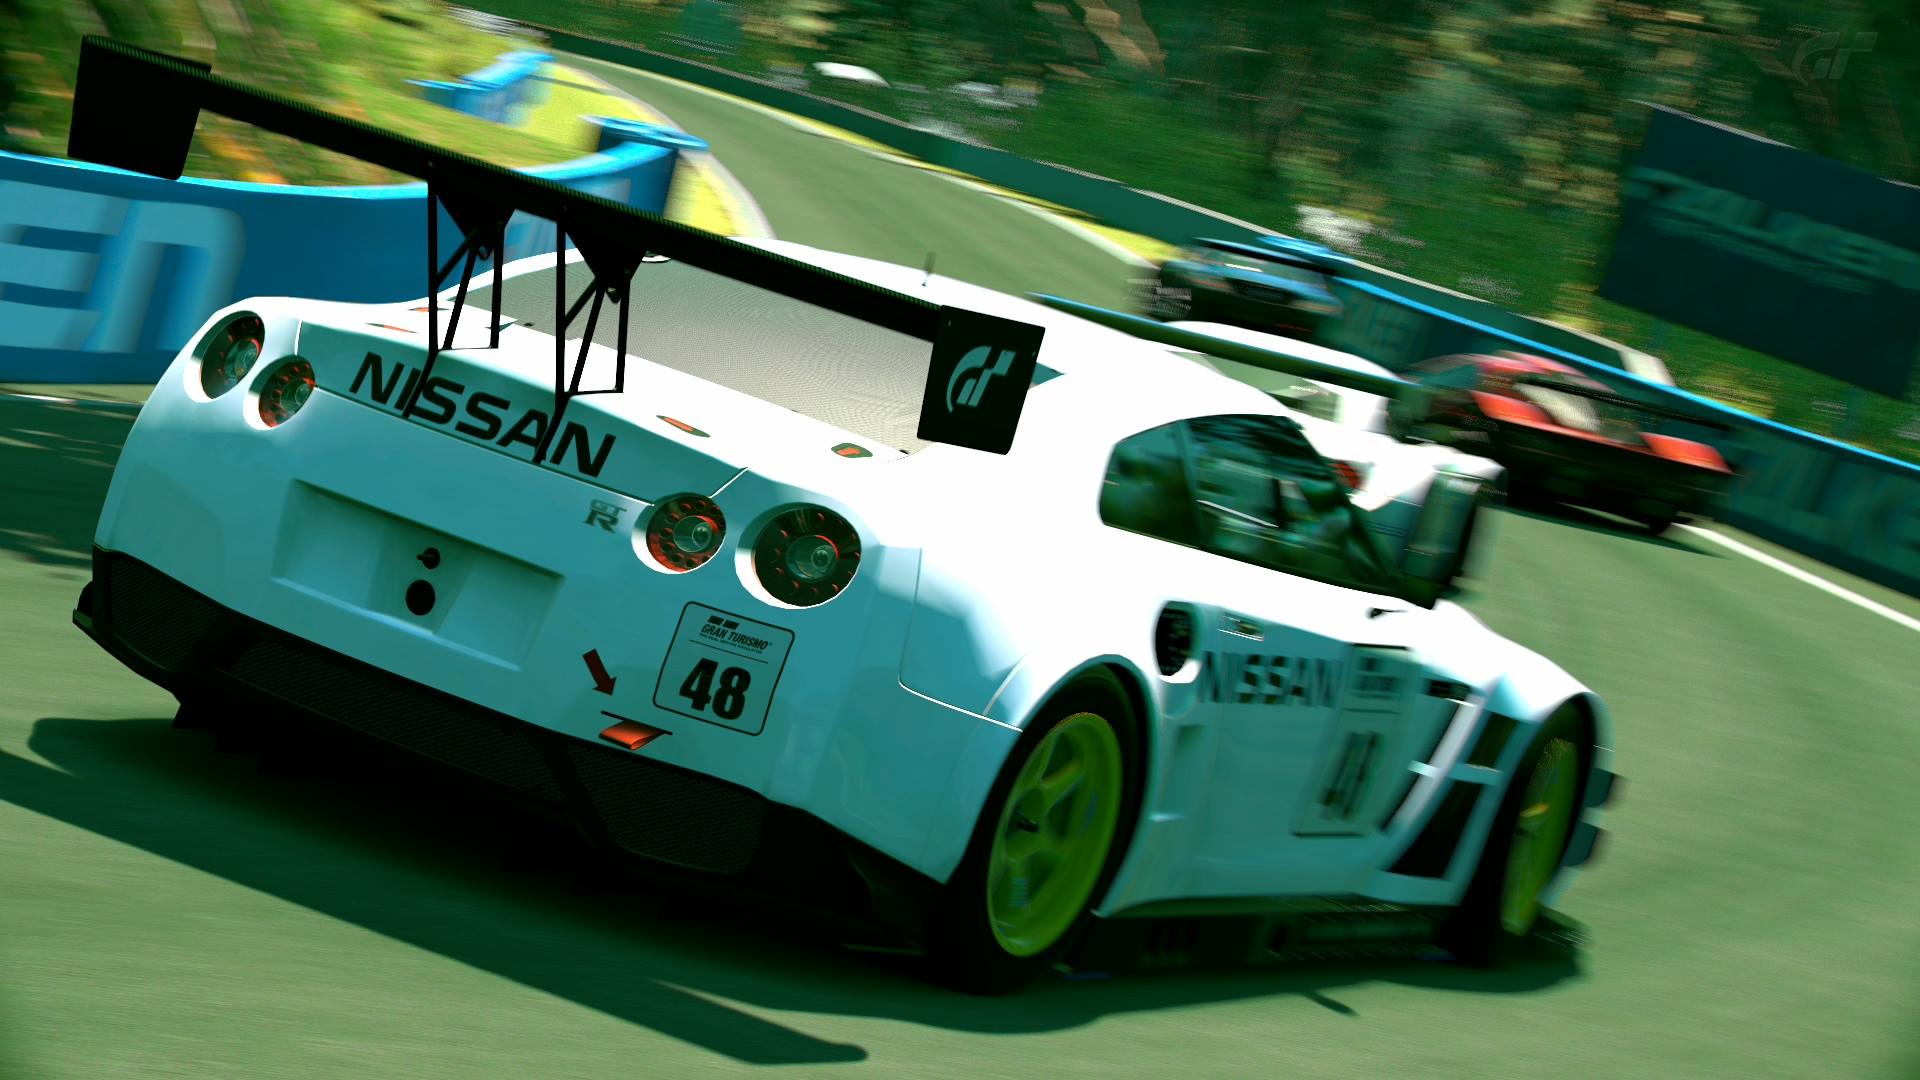 マウントパノラマ モーターレーシングサーキット